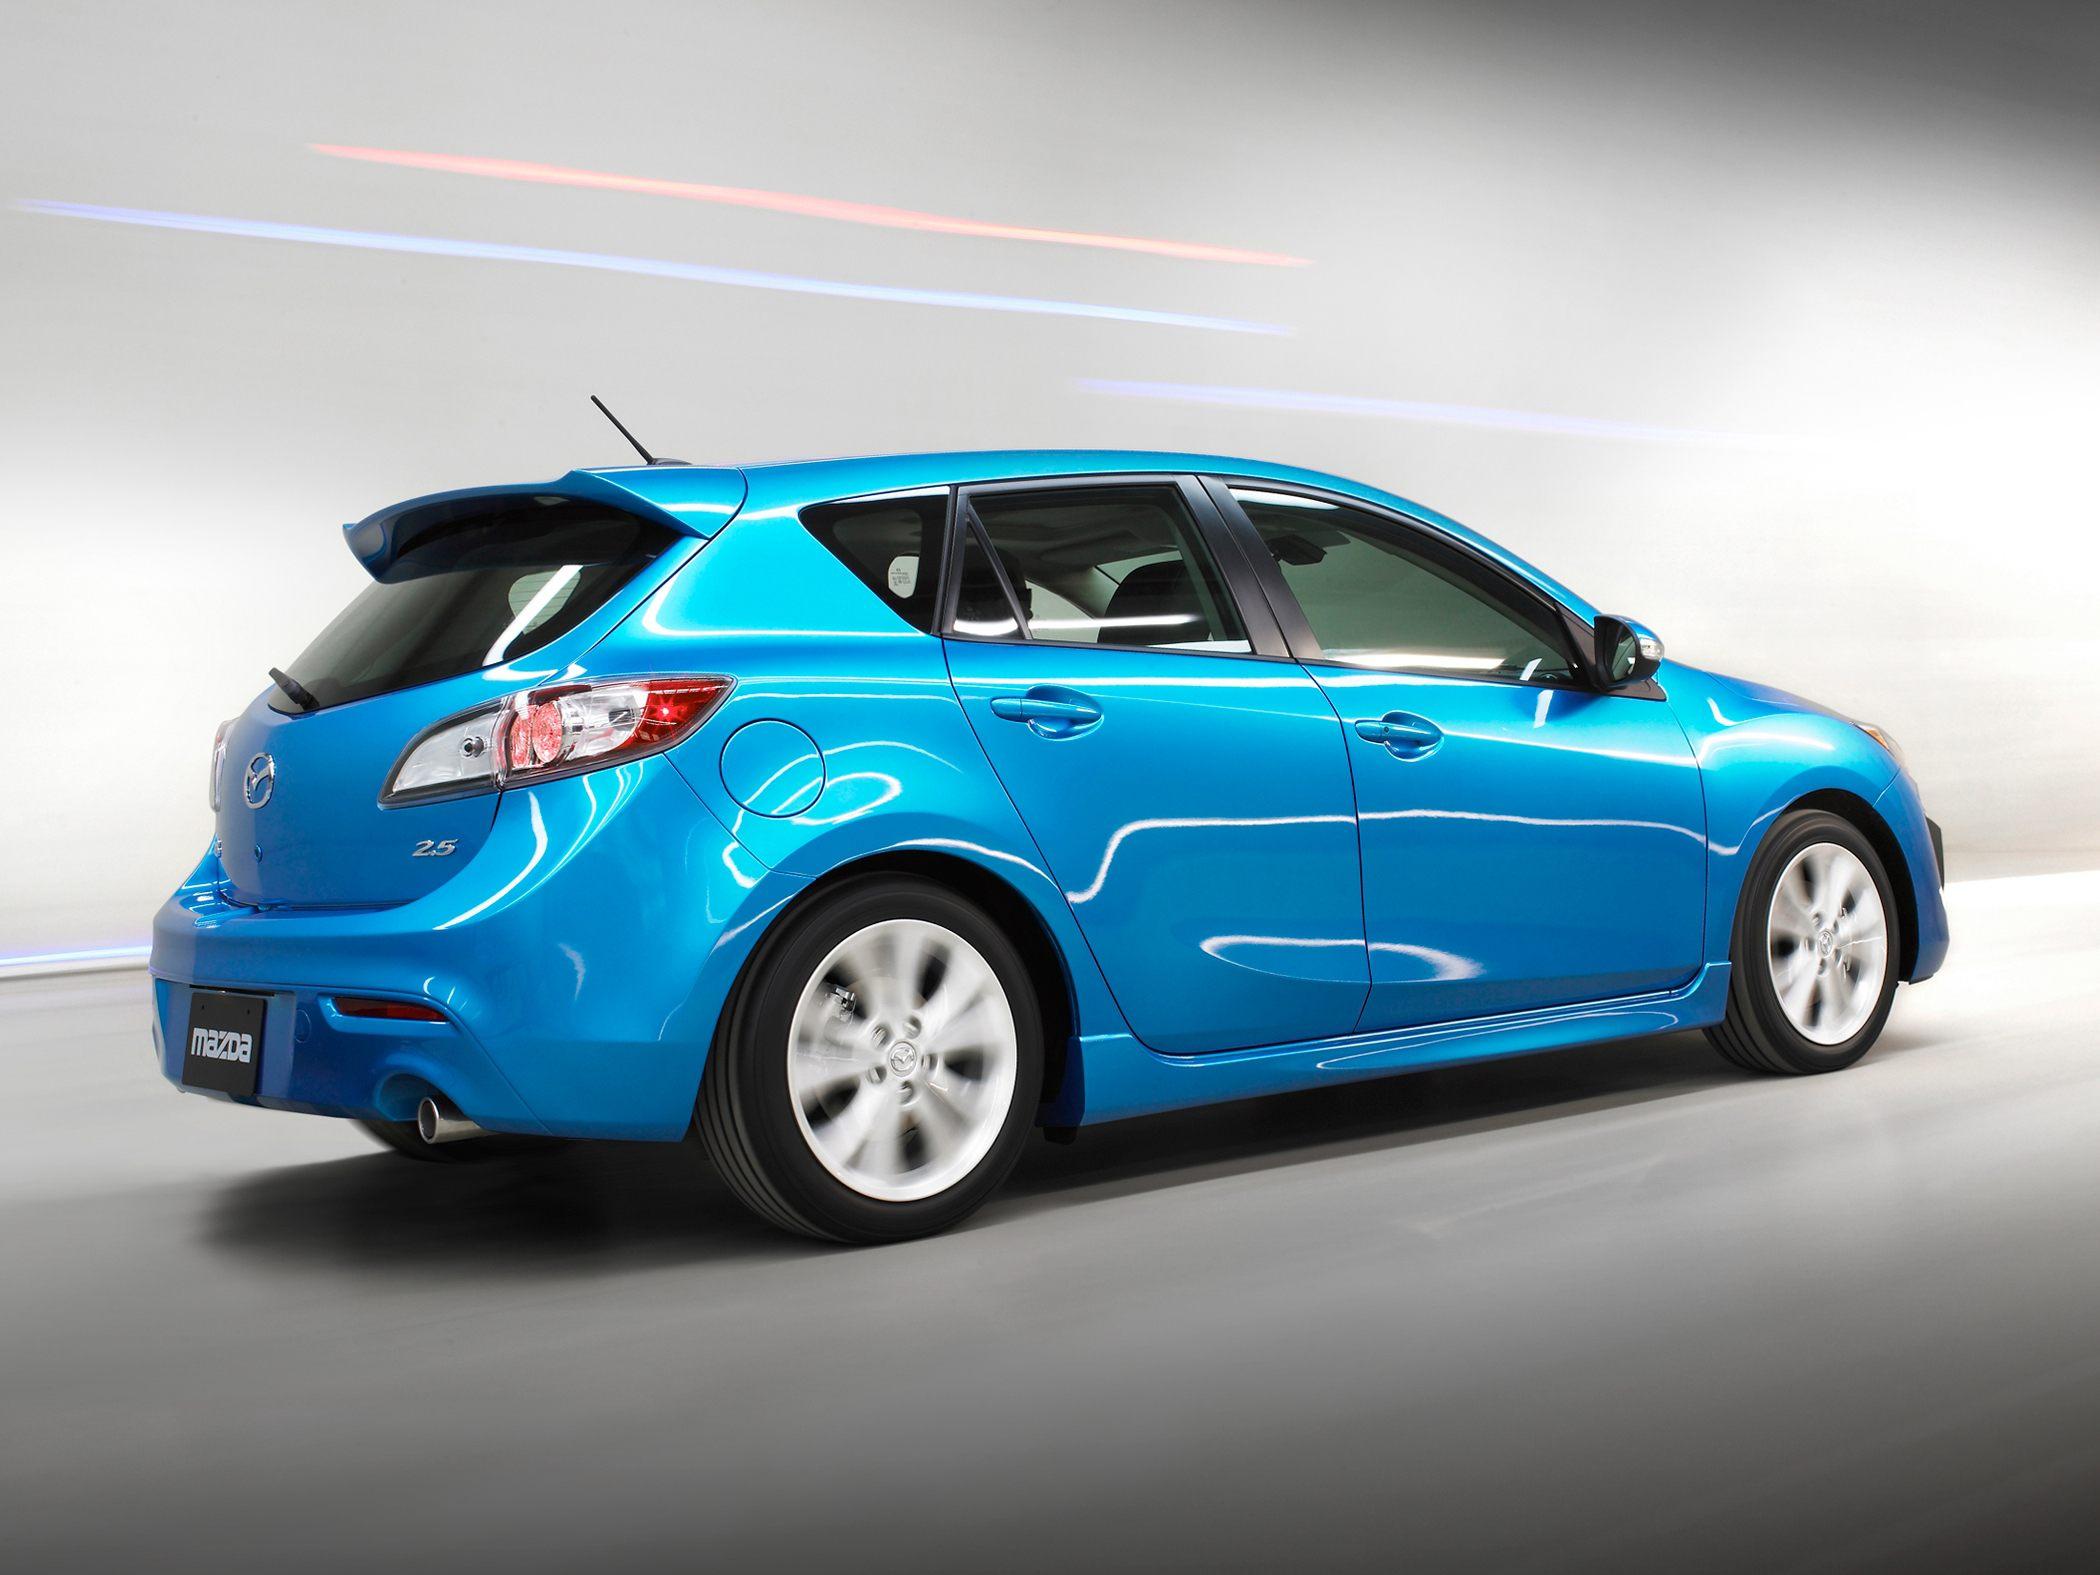 Kelebihan Kekurangan Mazda 3 2011 Tangguh